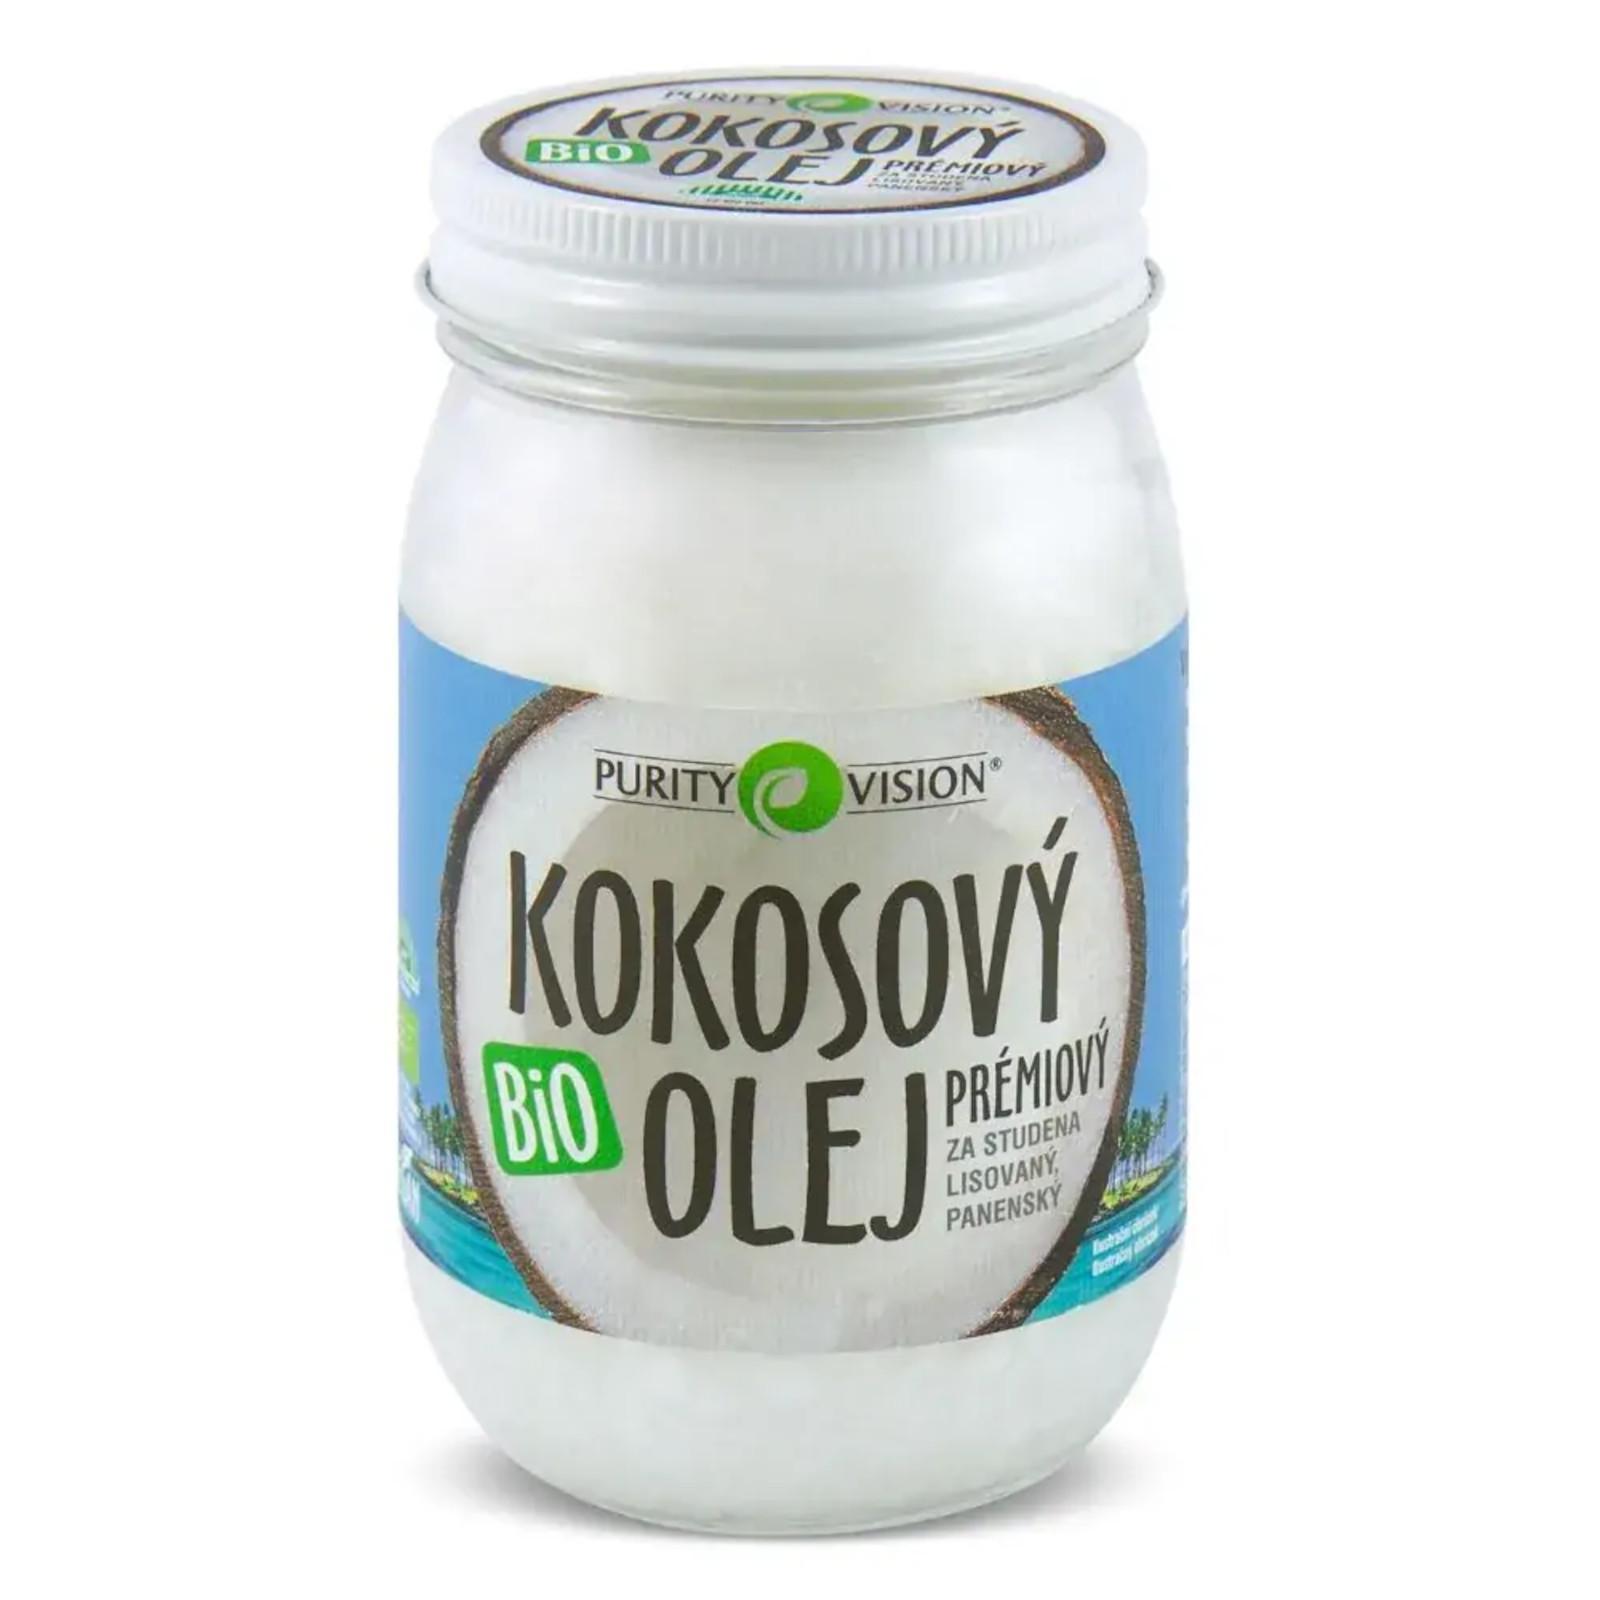 Purity Vision Bio Kokosový olej panenský 420 ml